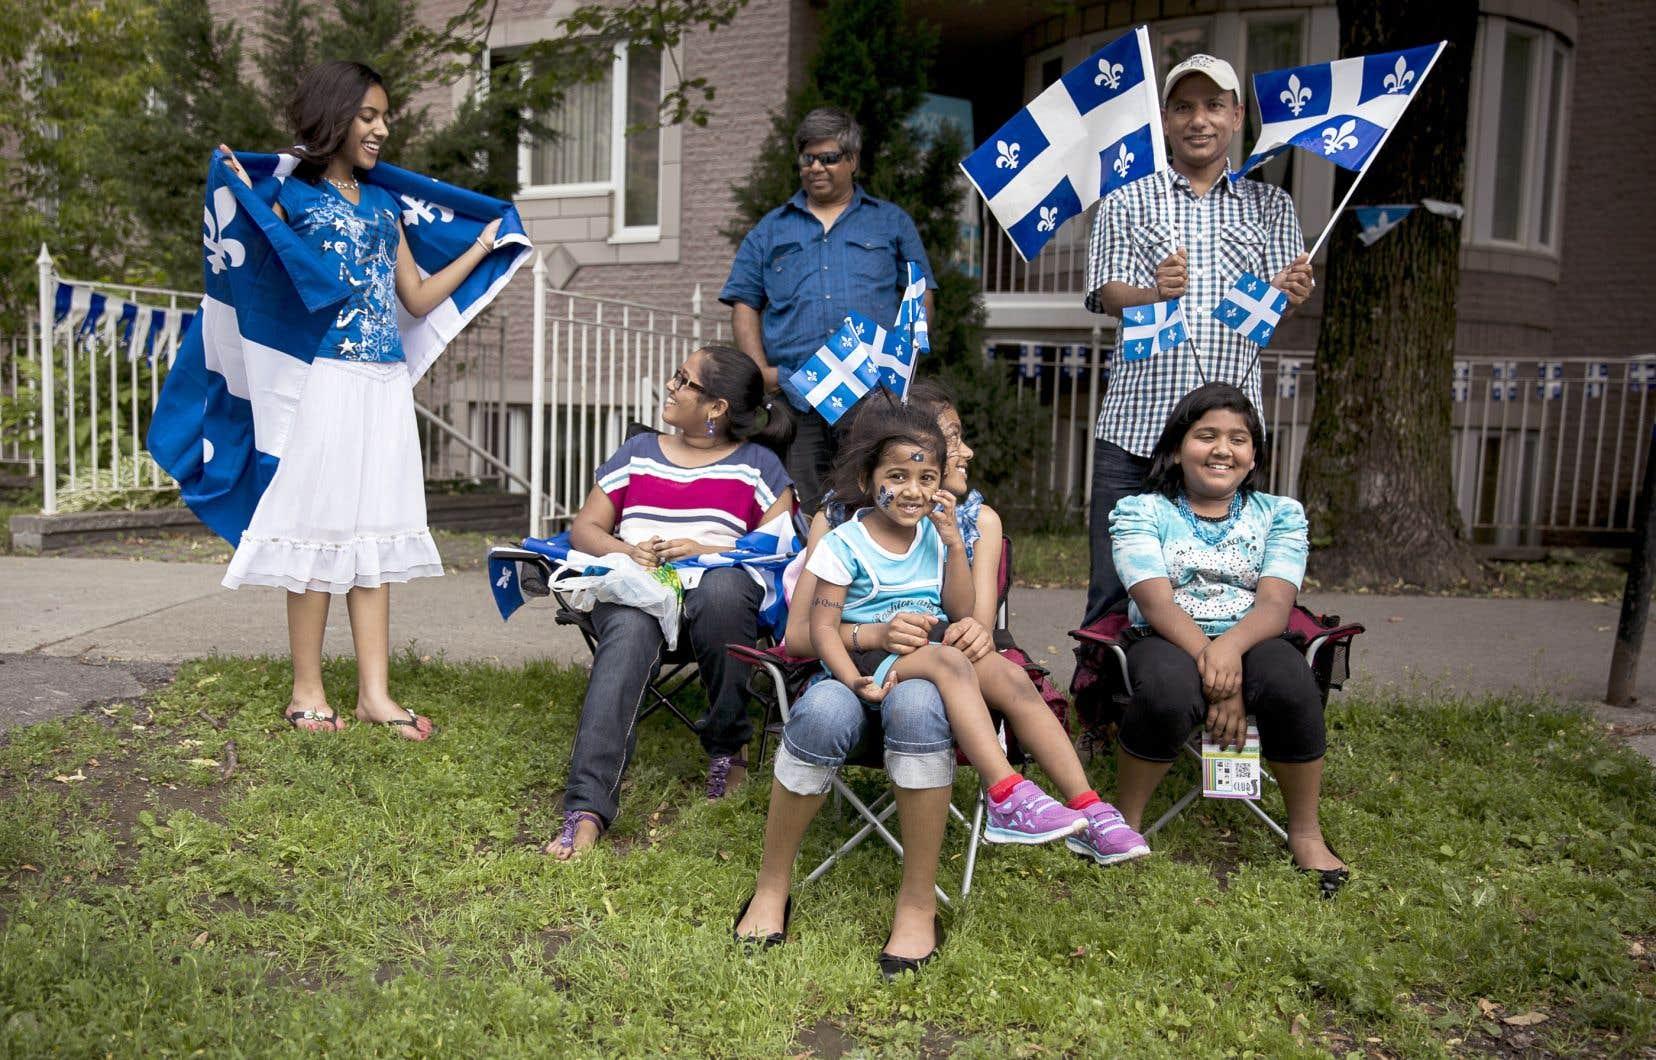 Selon le rapport, le taux de rétention au Québec sur cinq ans est de 84,3%, en amélioration par rapport à il y a 15ans.